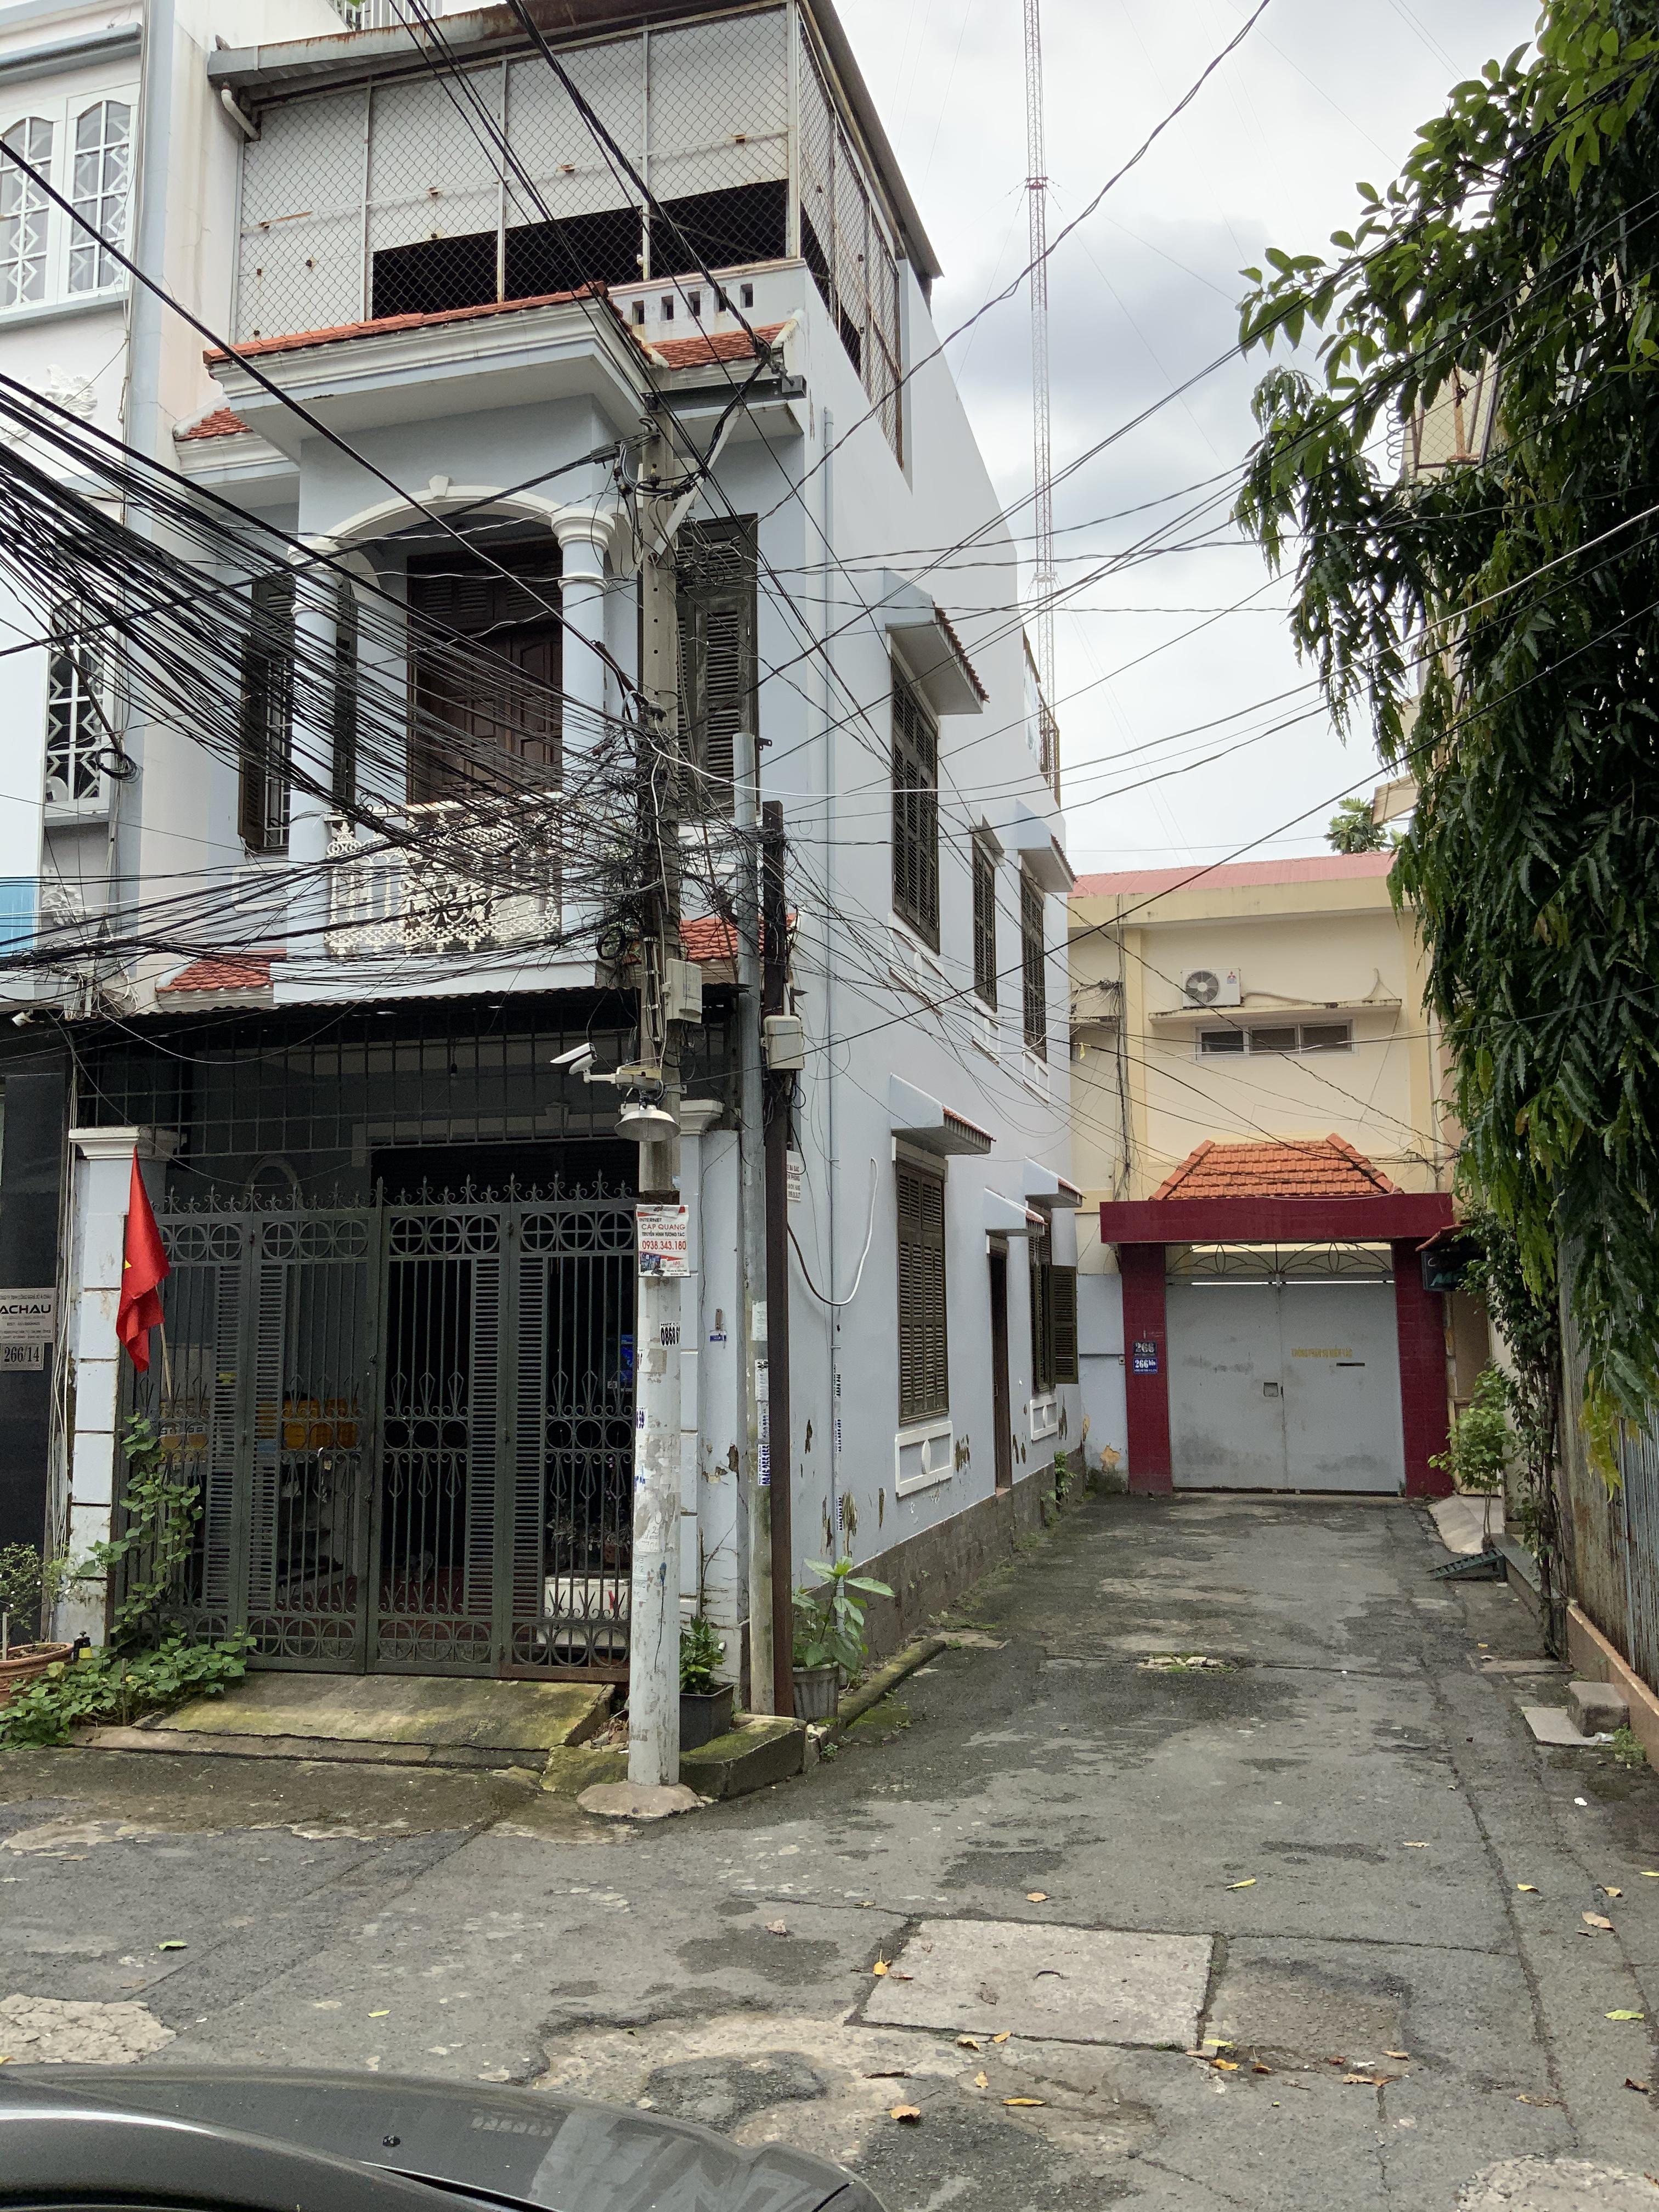 Cho Thuê Nhà Hẻm Xe Hơi Đường Hoàng Hoa Thám Quận Tân Bình -1